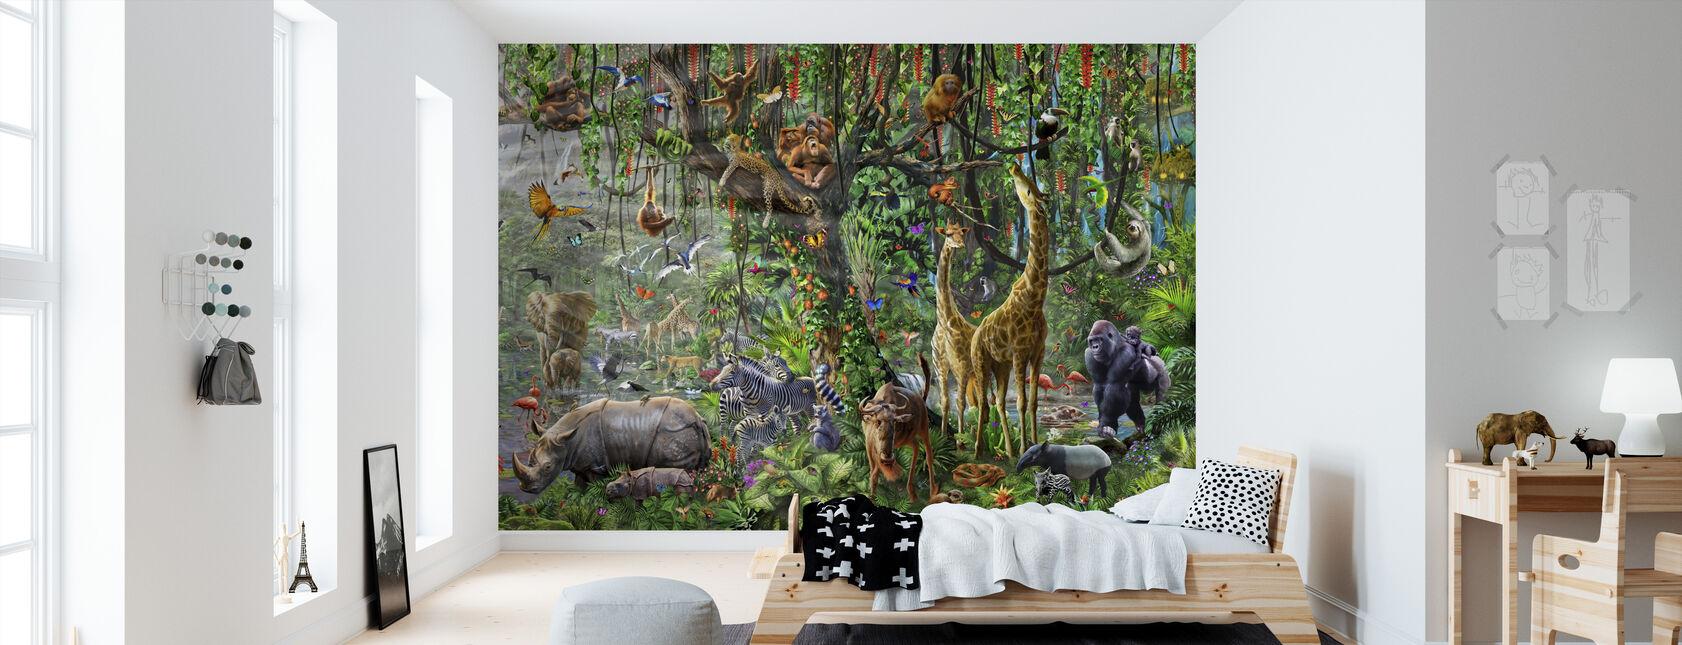 Afrikansk väggmålning Panorama - Tapet - Barnrum